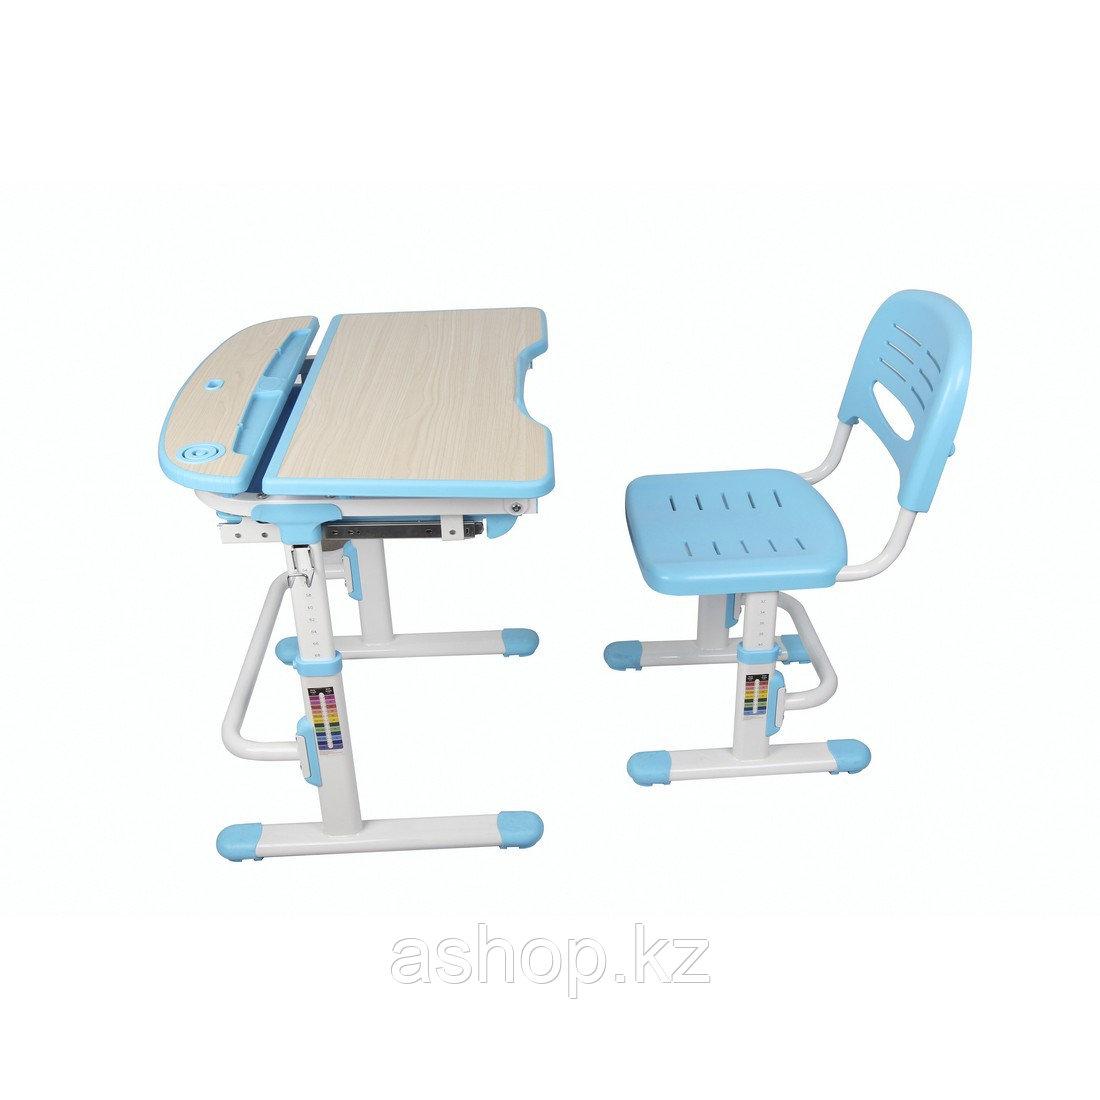 Парта-трансформер детская Deluxe DLCD-C304B, Материал: Пластик, металл, Цвет: Голубой